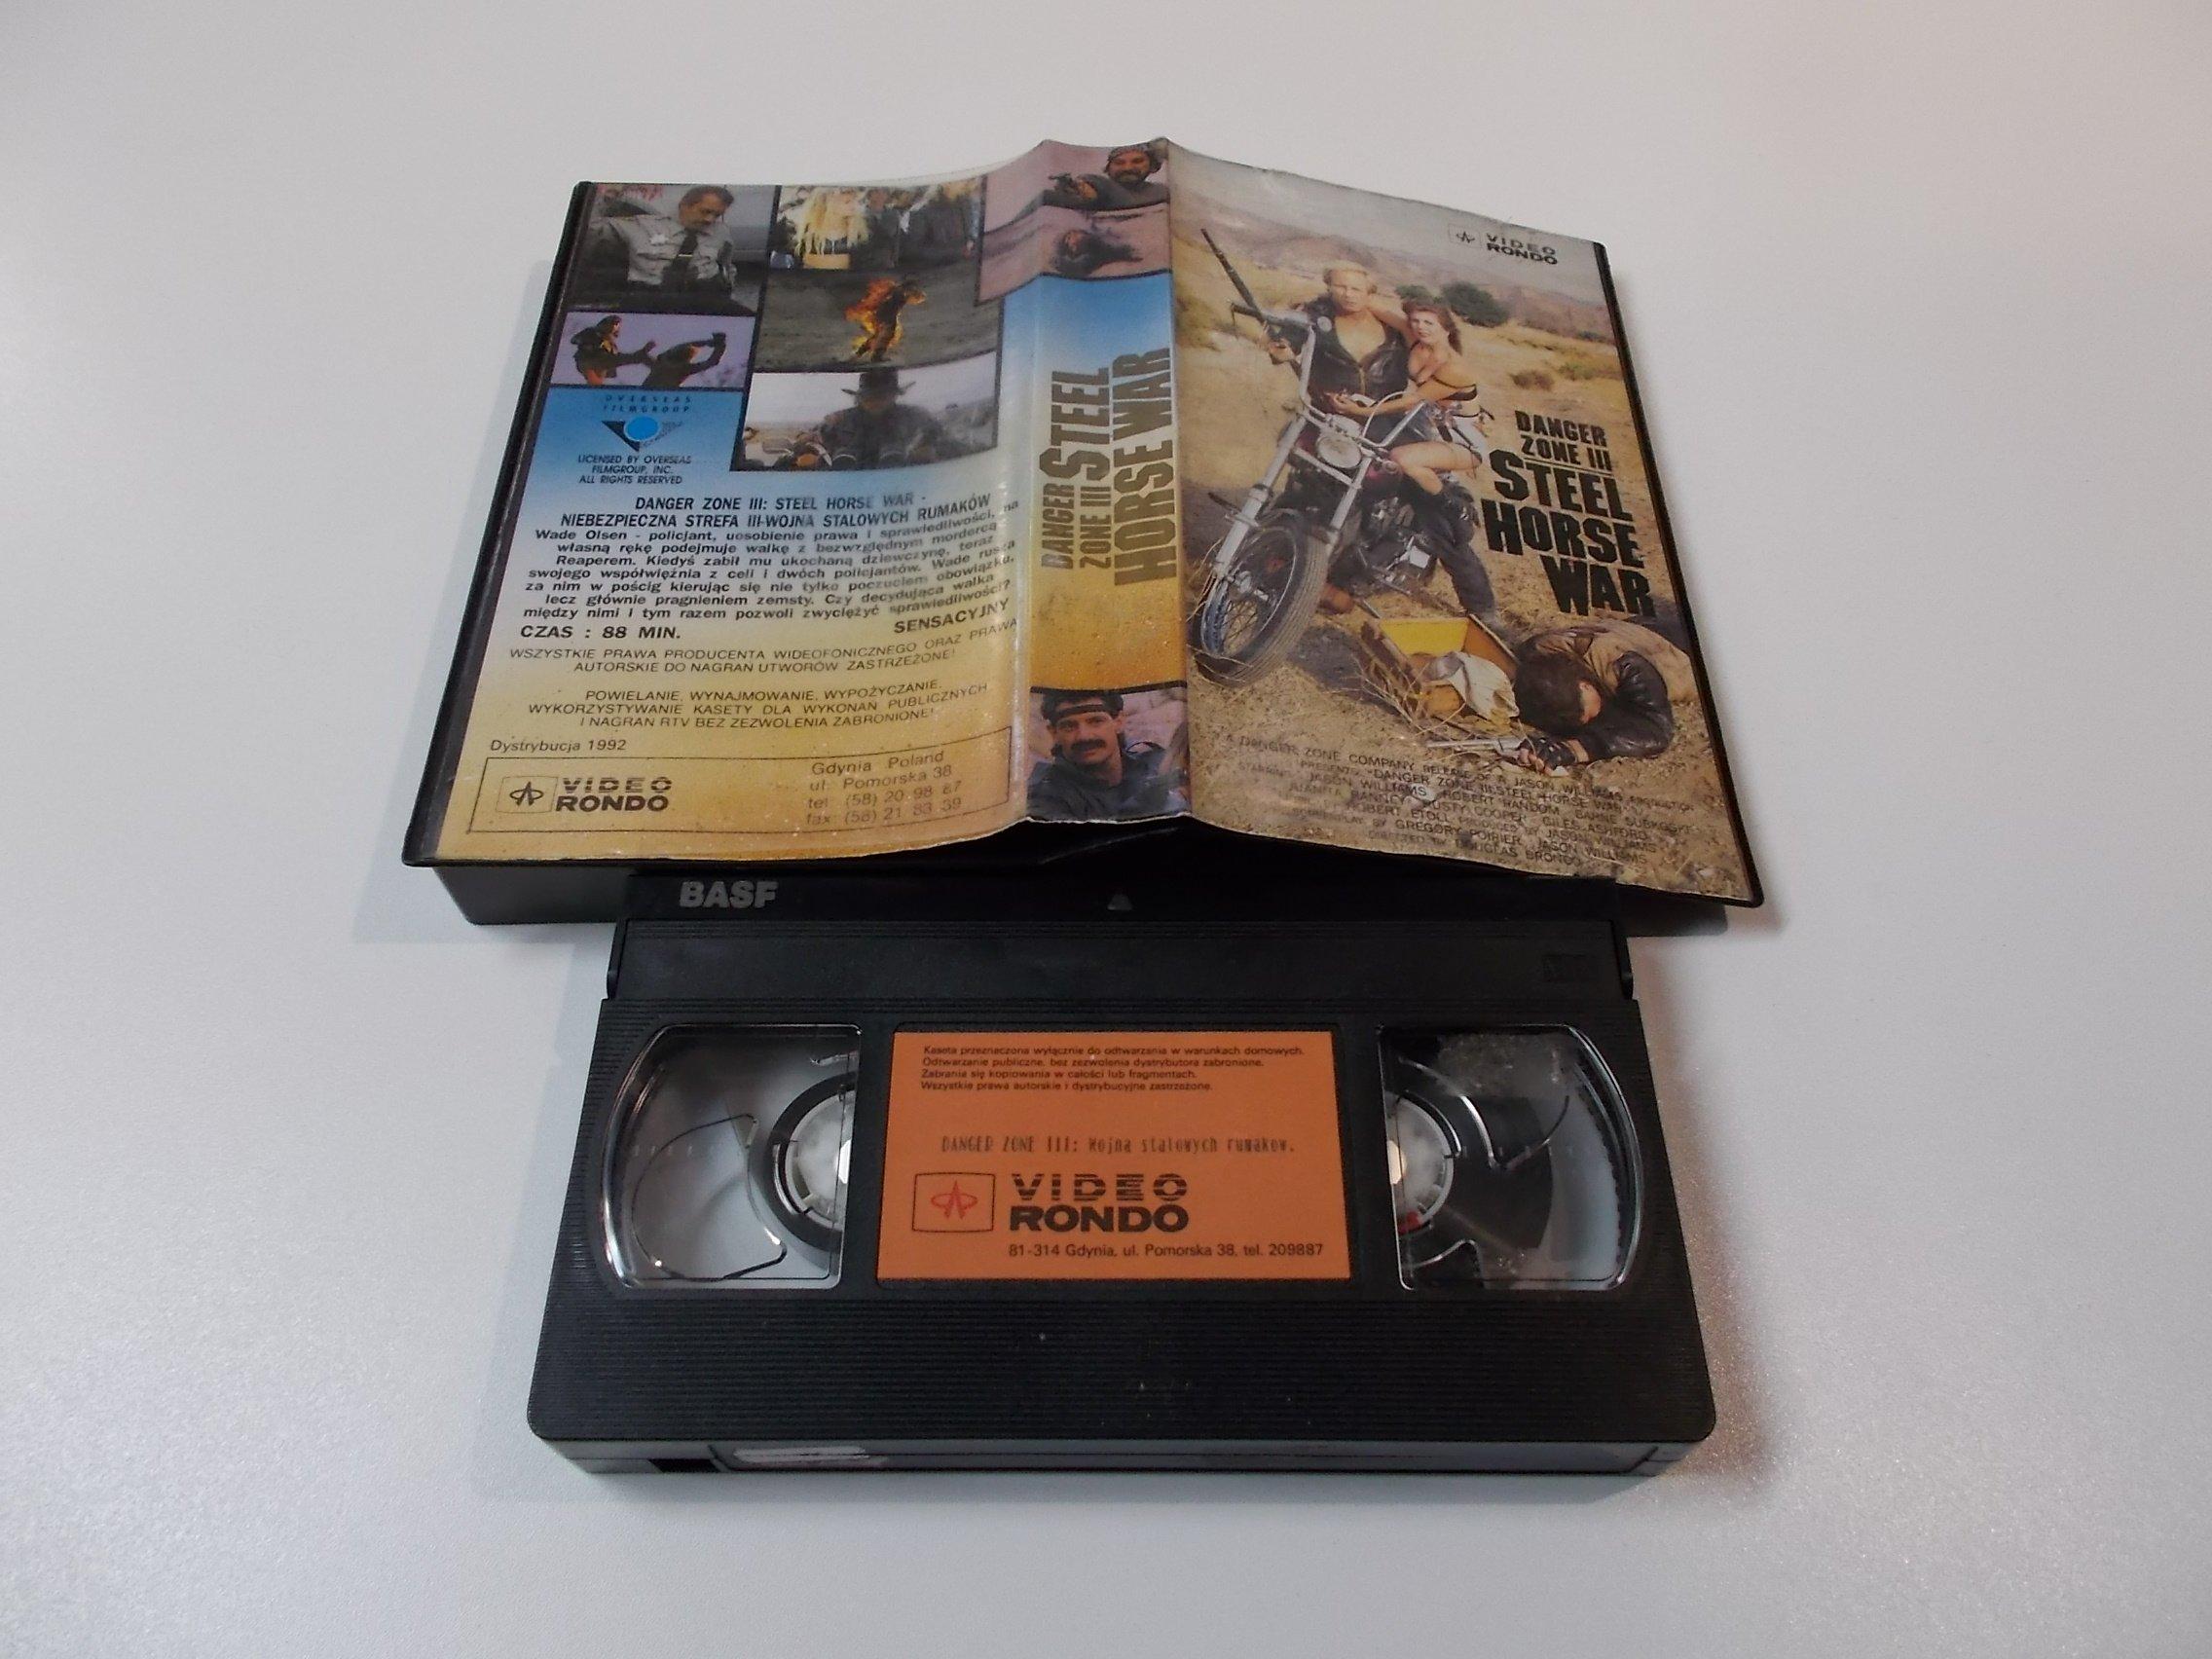 WOJNA STALOWYCHRUMAKÓW - Kaseta Video VHS - Opole 1538